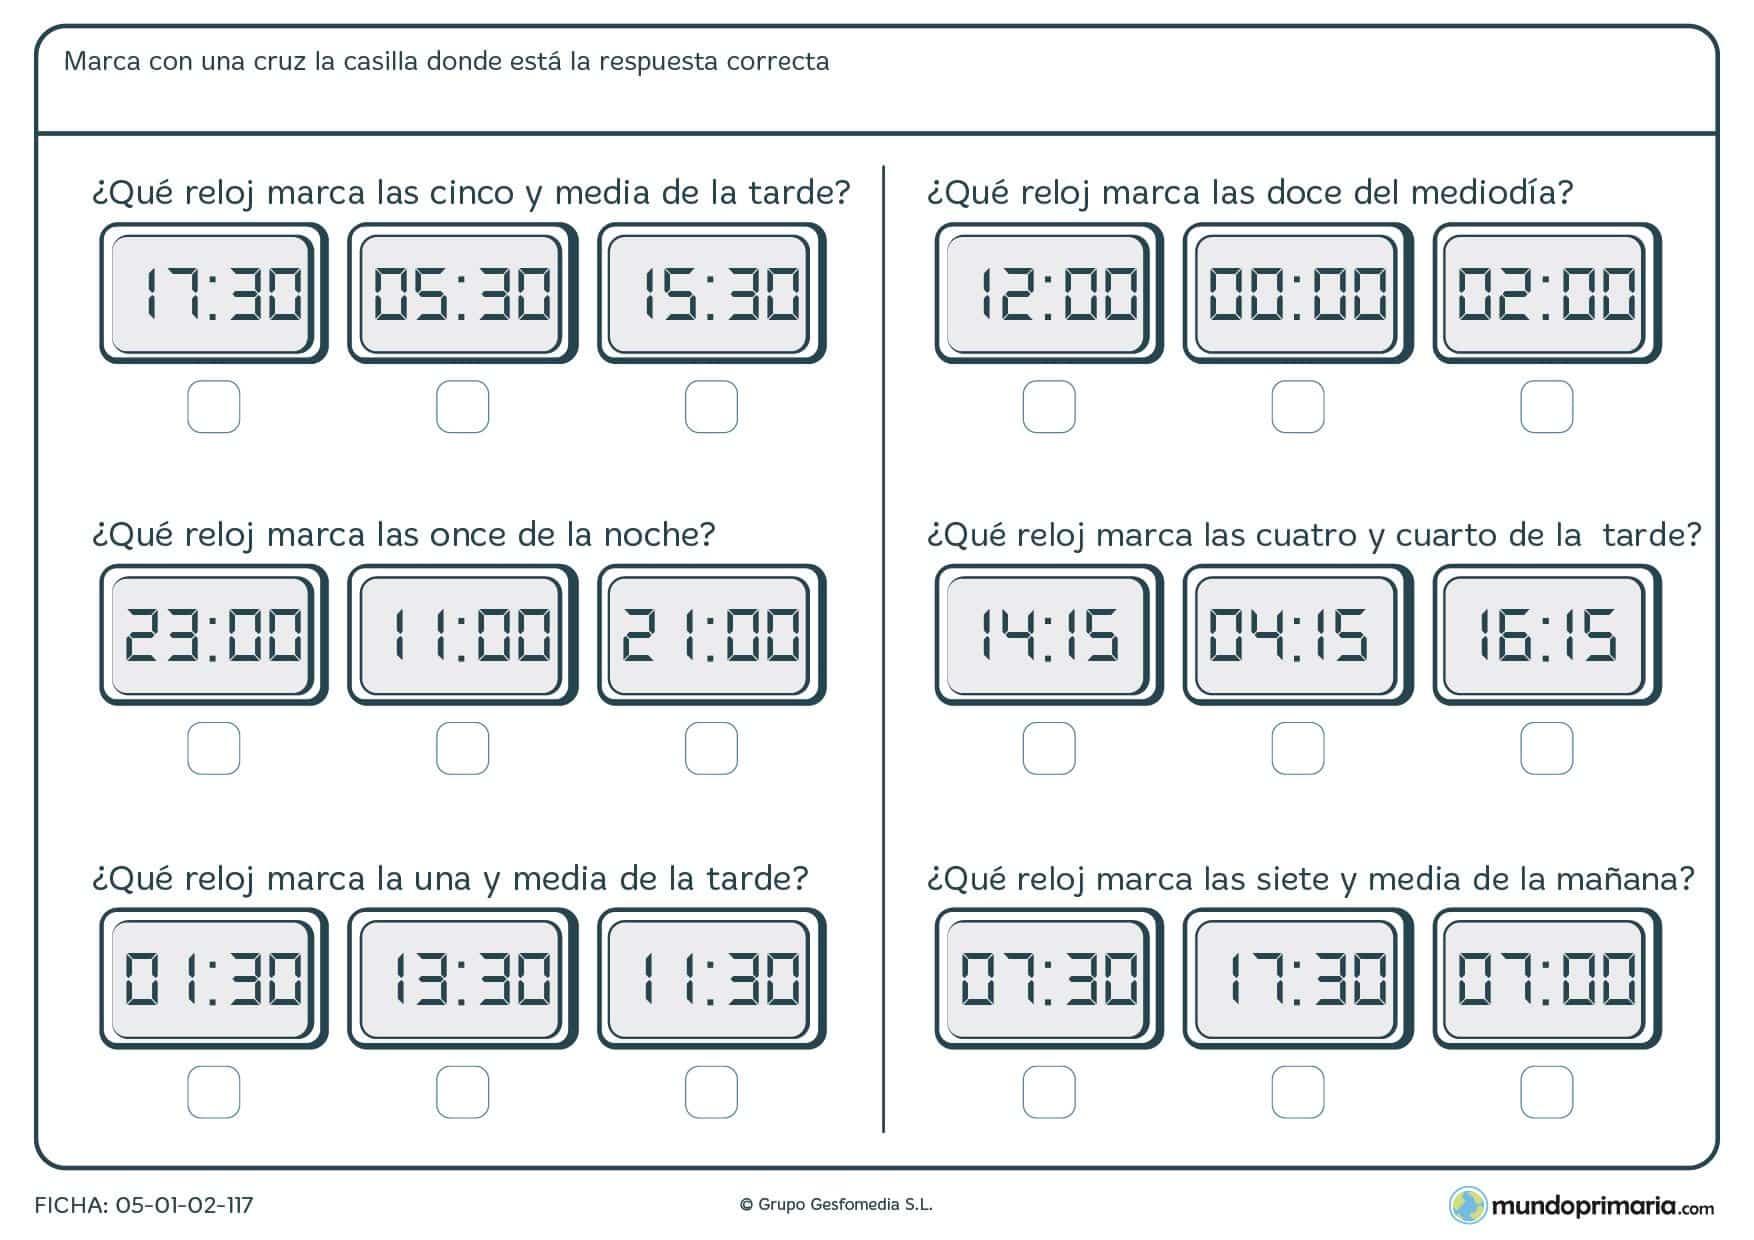 Ficha de relojes digitales para leer la hora e indicar las horas que se nos piden maracando debajo de los correctos.